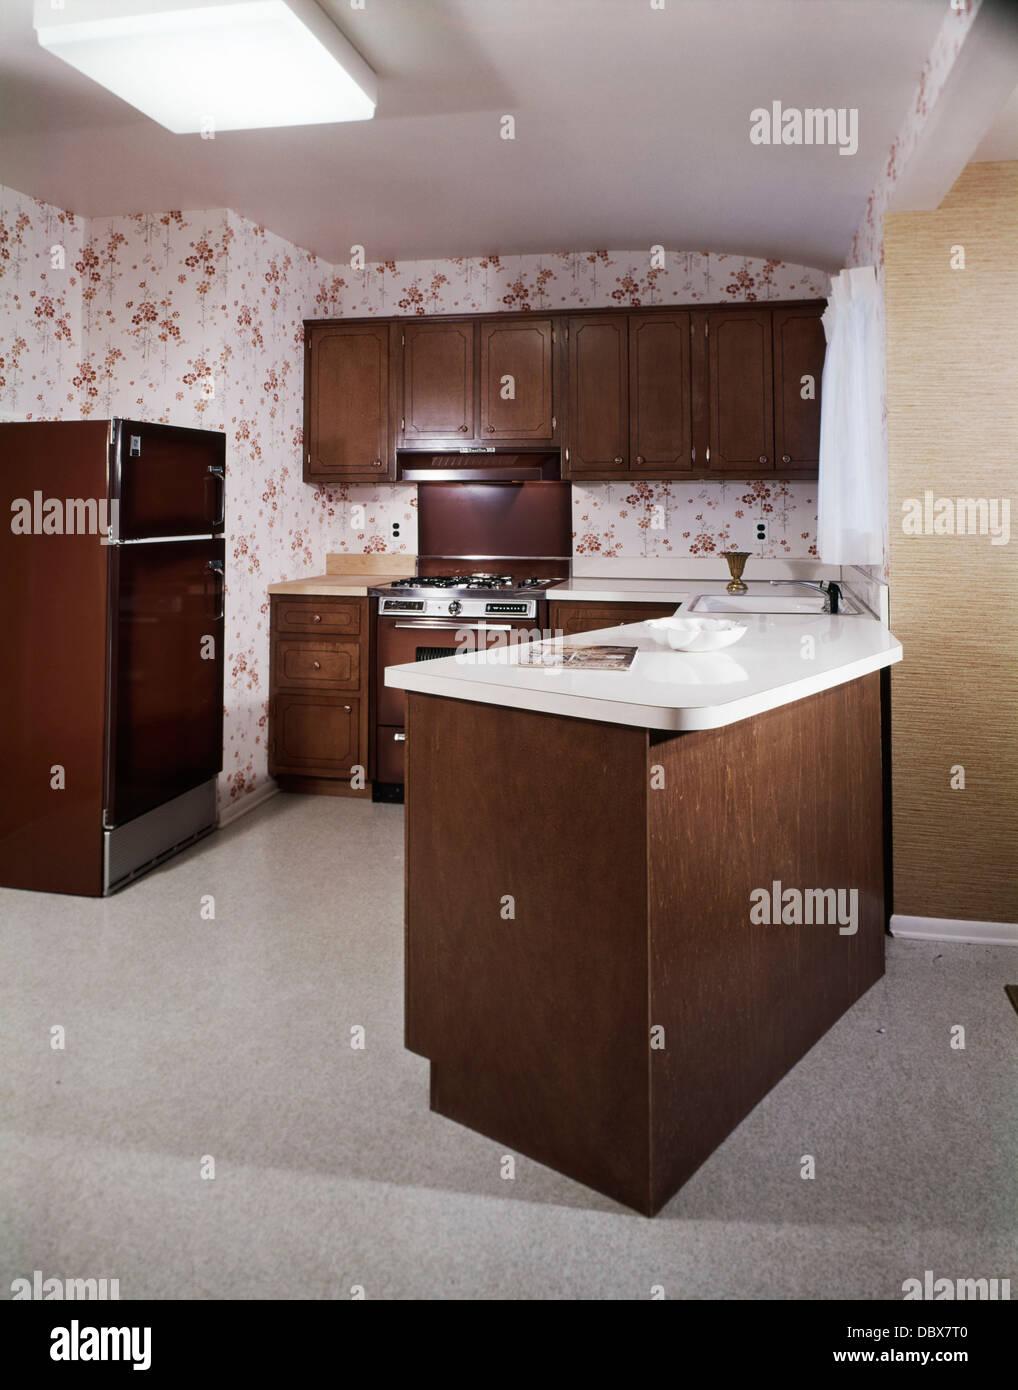 1970s Kitchen Stockfotos & 1970s Kitchen Bilder - Alamy